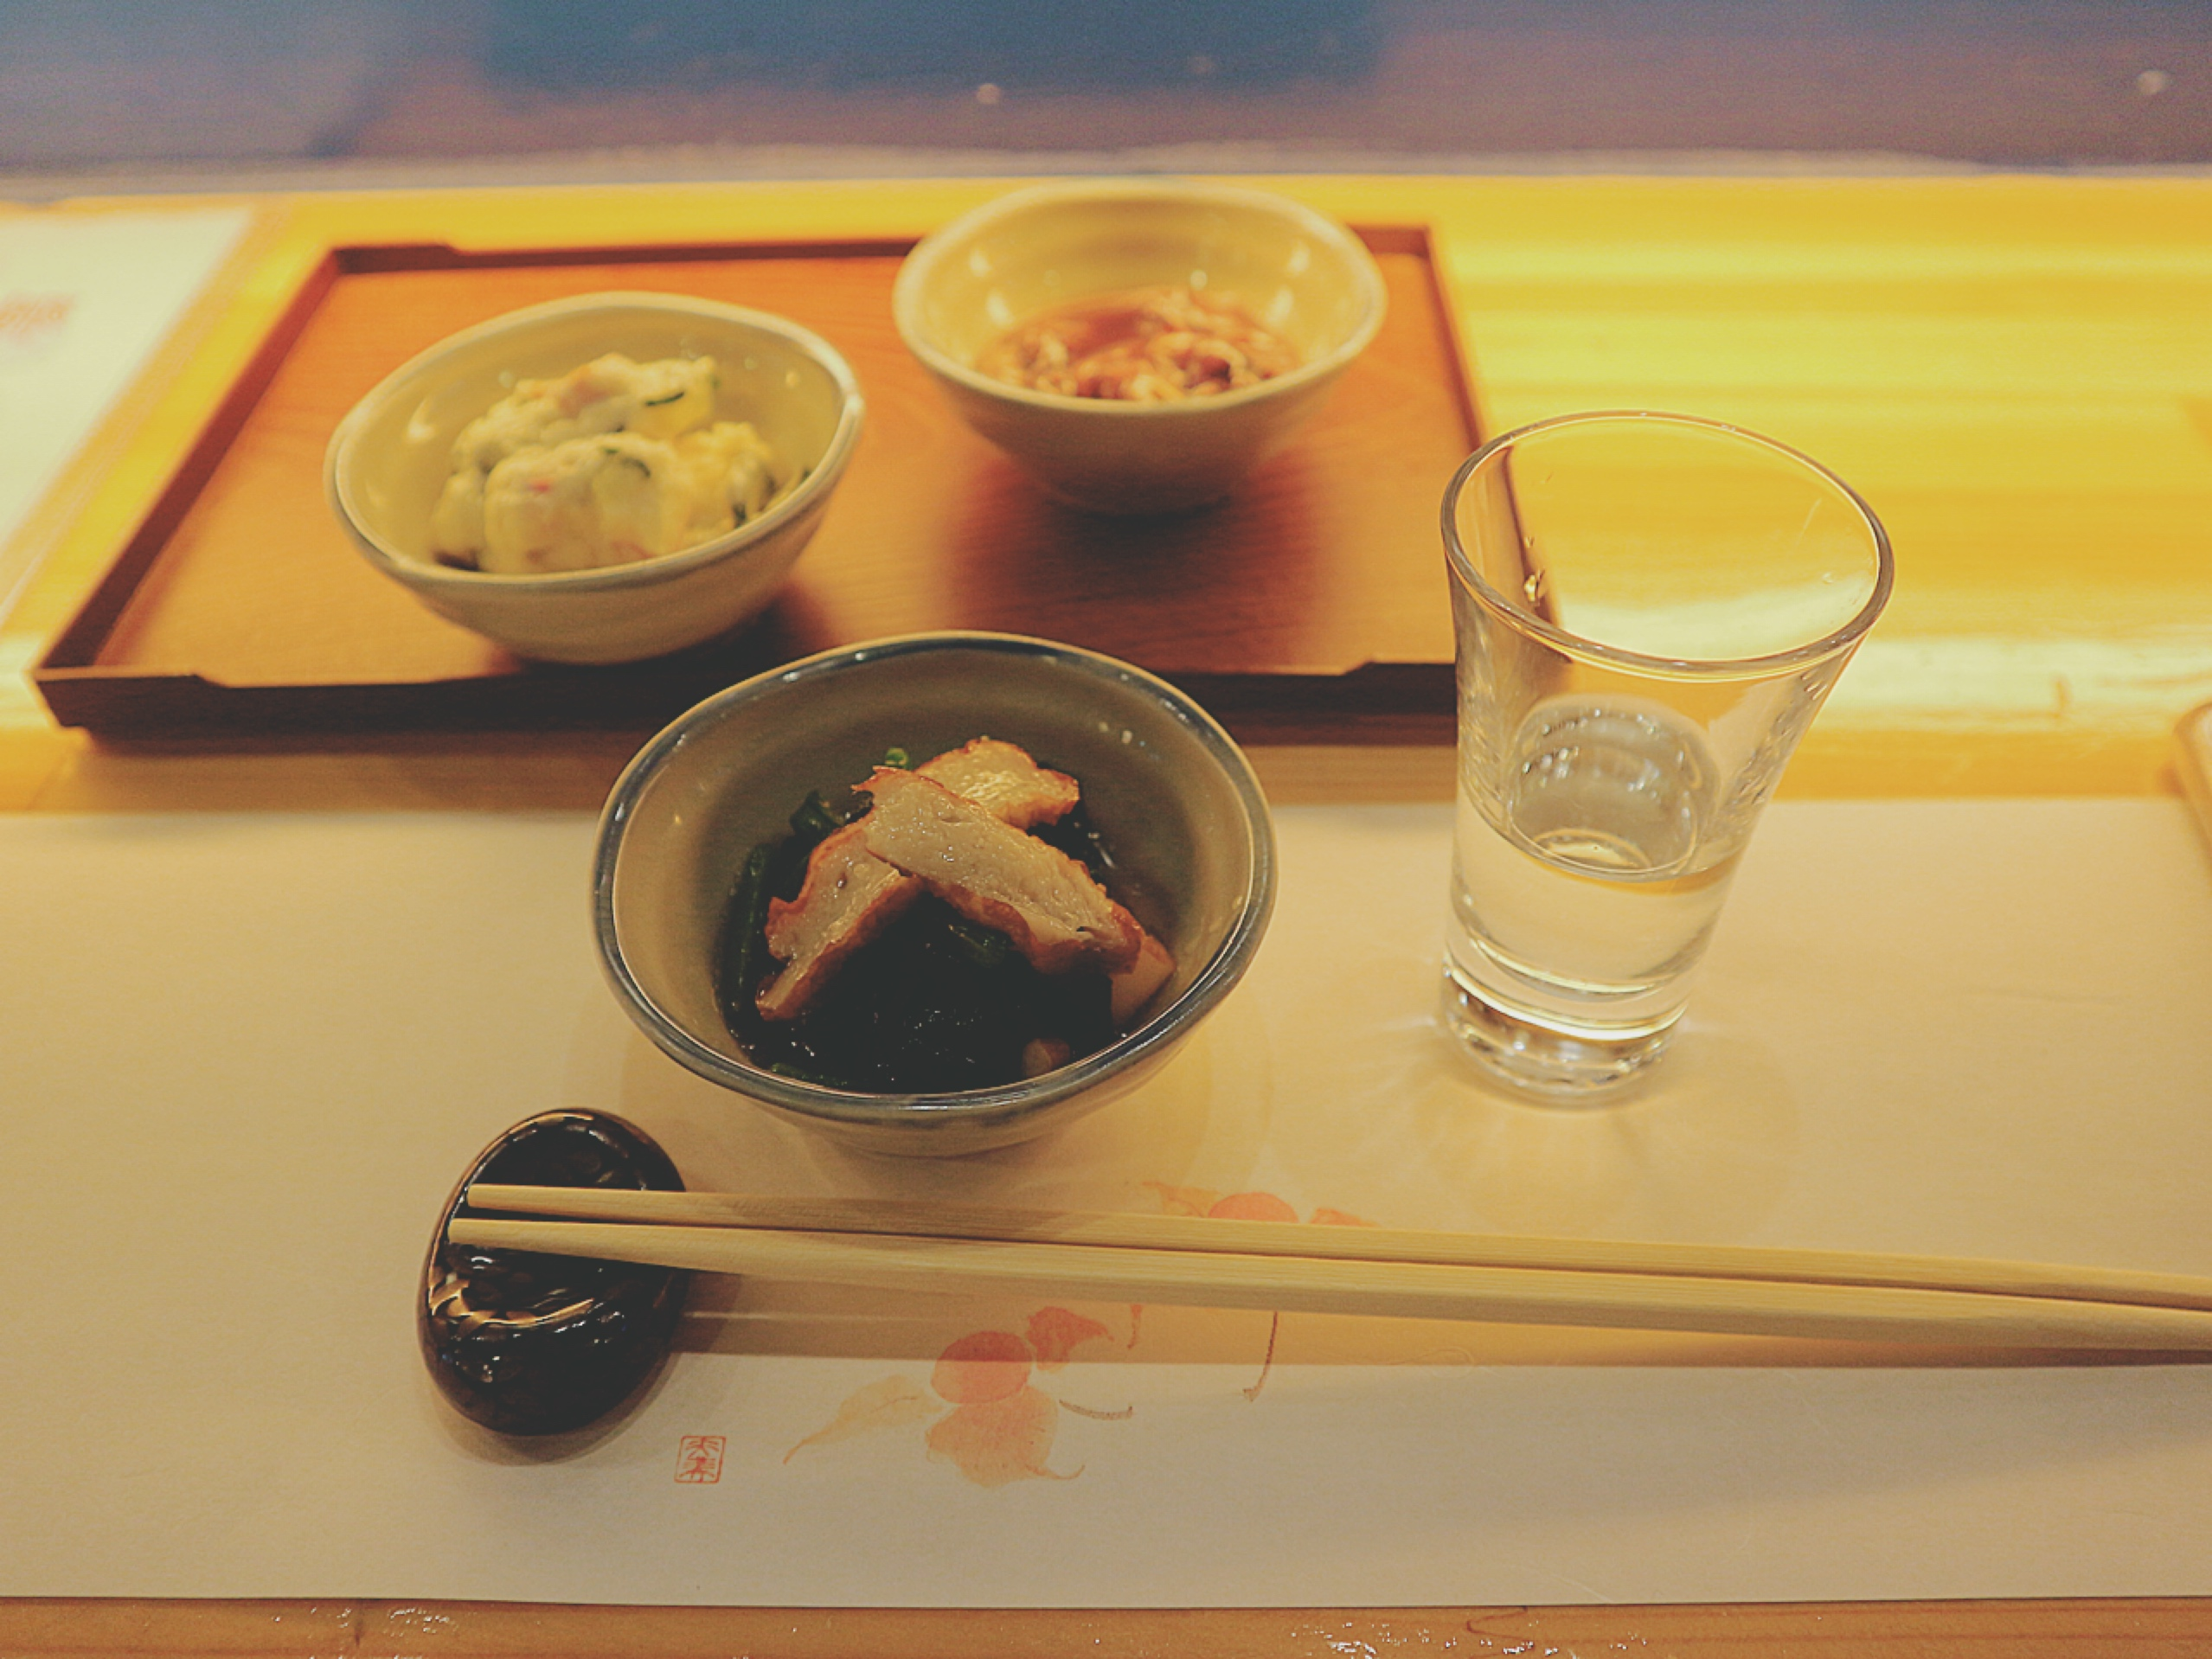 可以享用一次美味的日料和日本酒